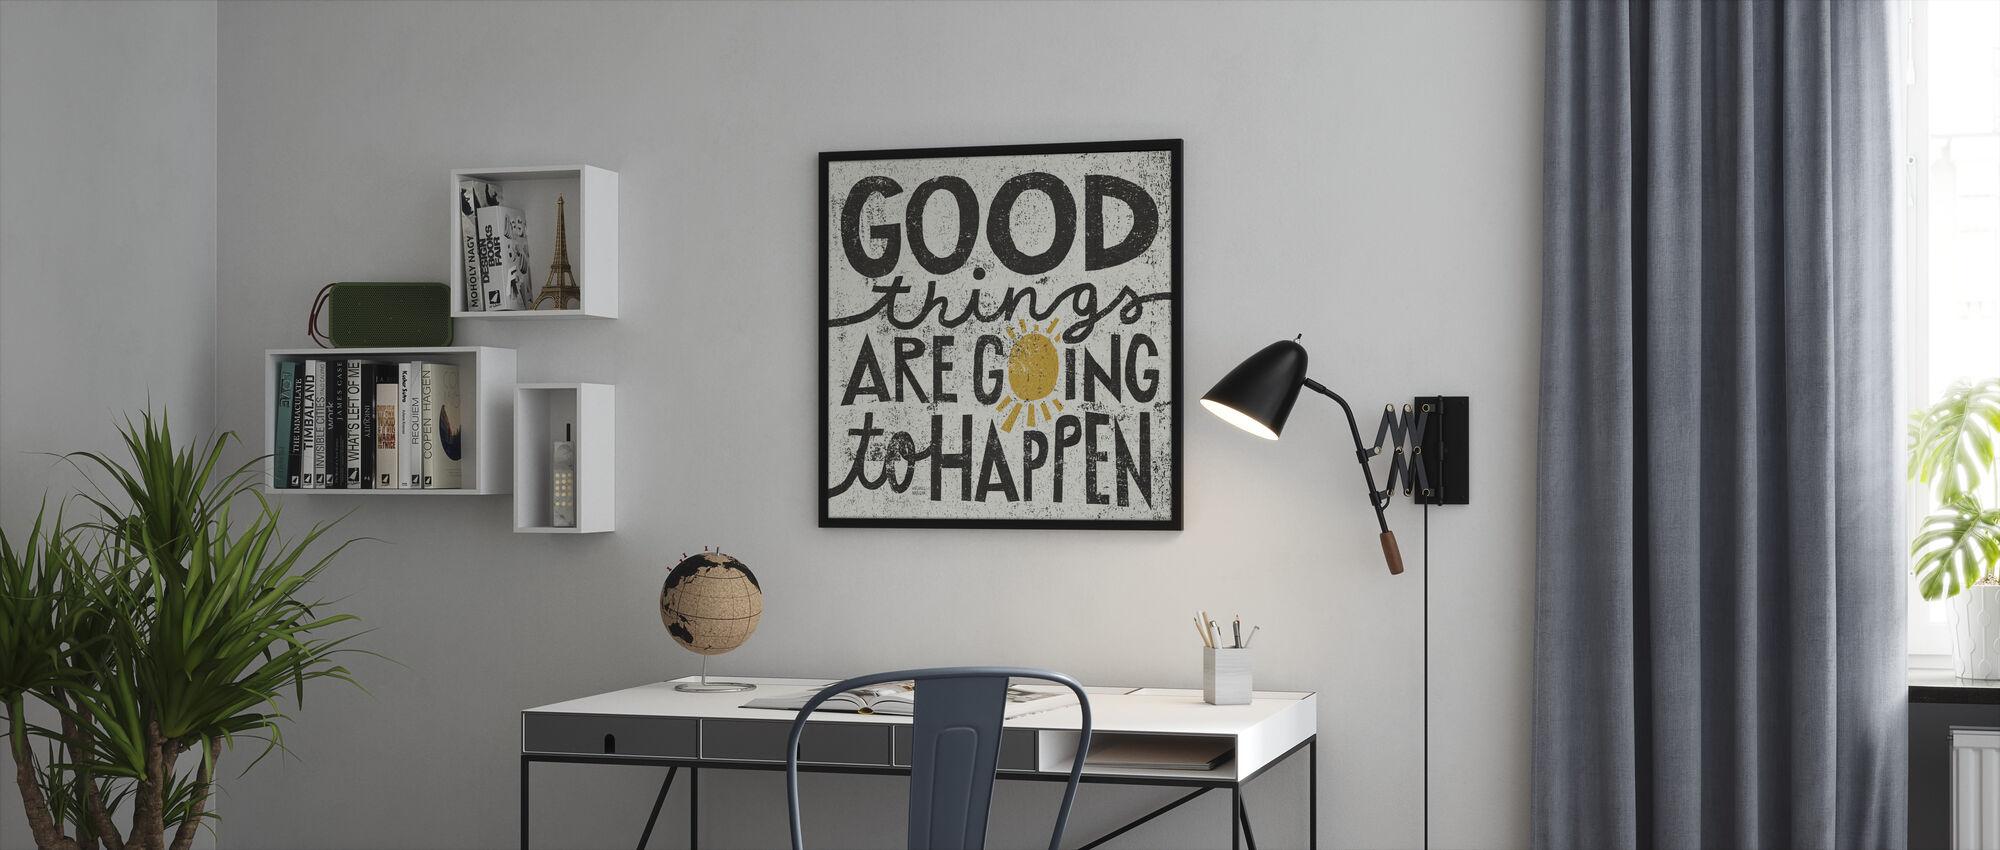 Las cosas buenas van a suceder - Print enmarcado - Oficina